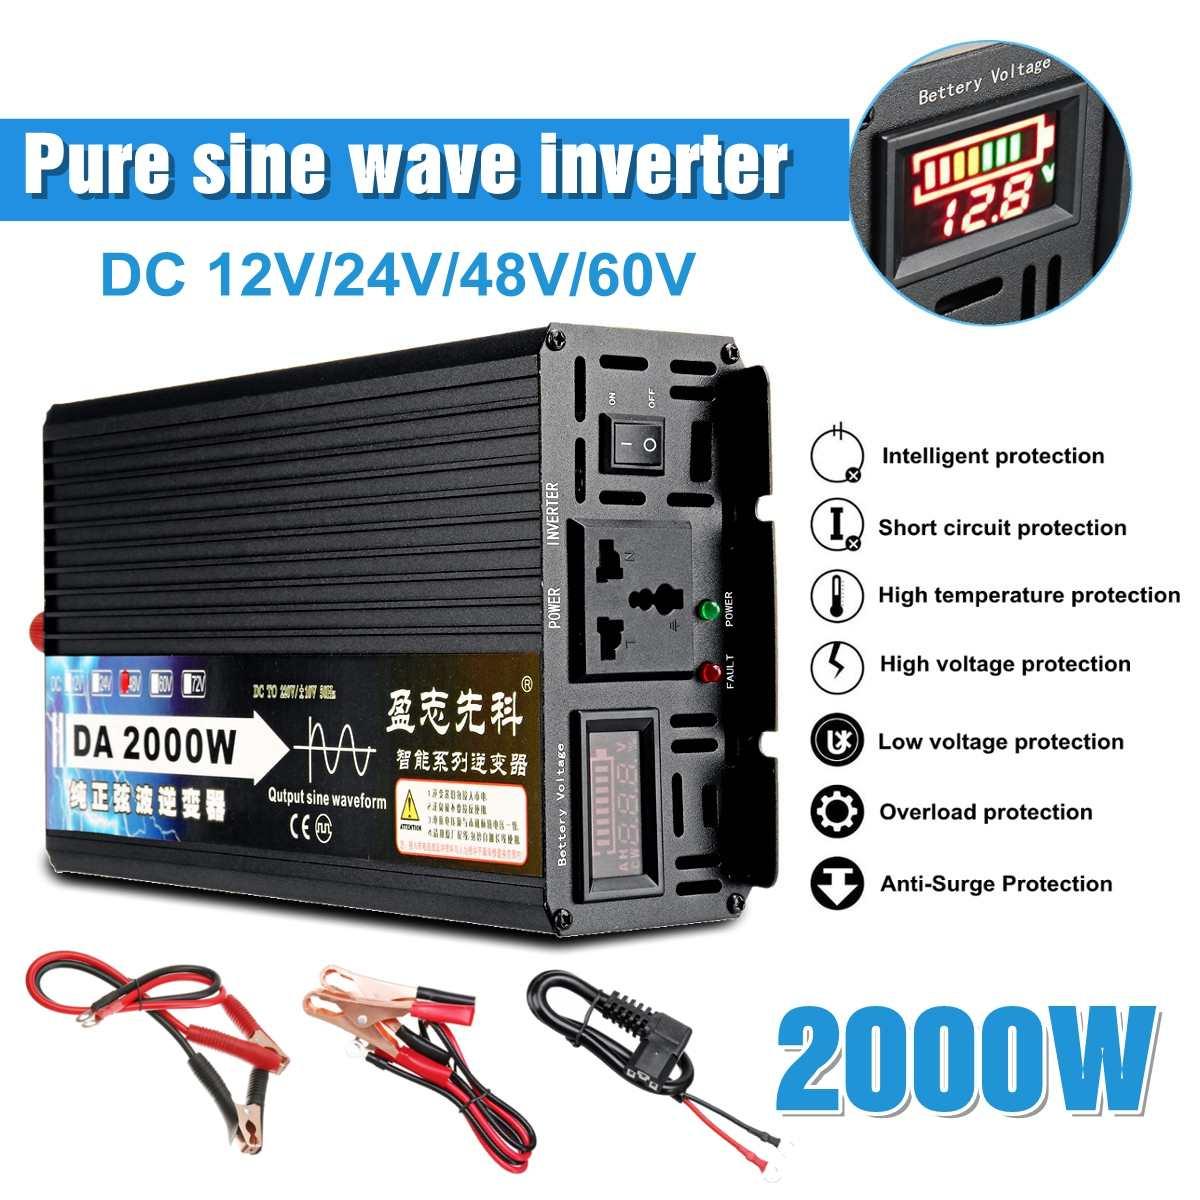 2000W Voltage transformer Pure Sine Wave Power Inverter 12V/24V/48V/60V TO 220V LCD Display Voltage Converter2000W Voltage transformer Pure Sine Wave Power Inverter 12V/24V/48V/60V TO 220V LCD Display Voltage Converter